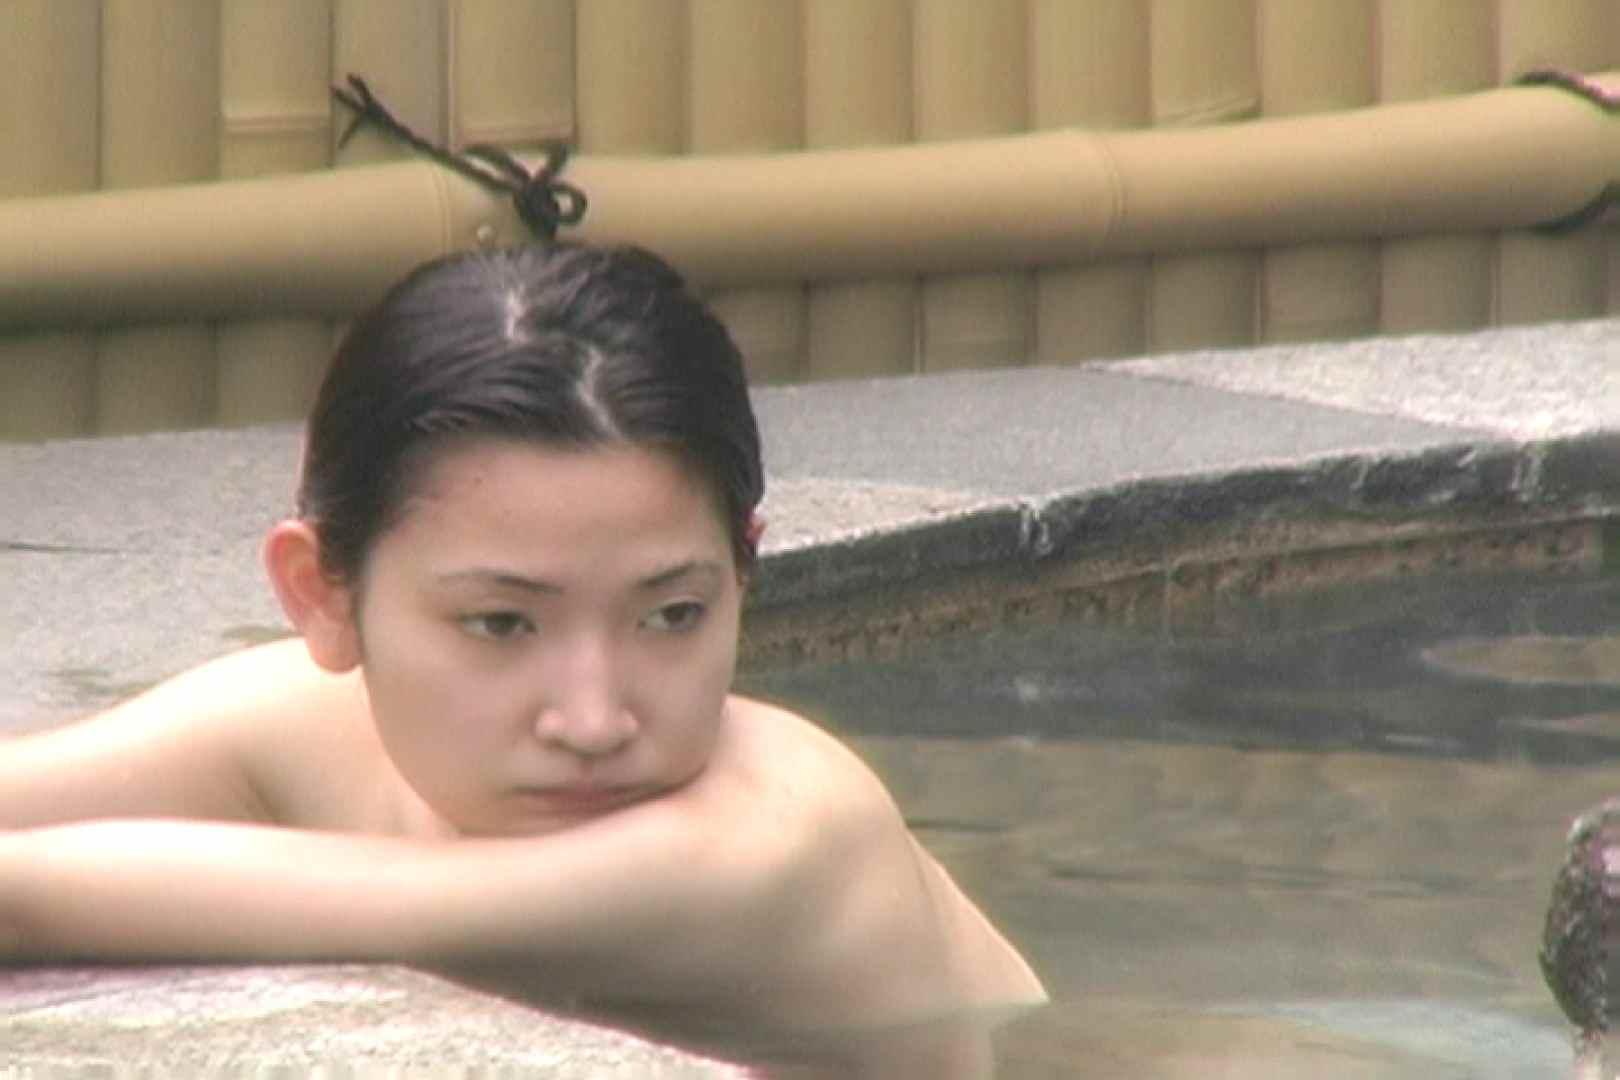 Aquaな露天風呂Vol.637 美しいOLの裸体  81pic 60